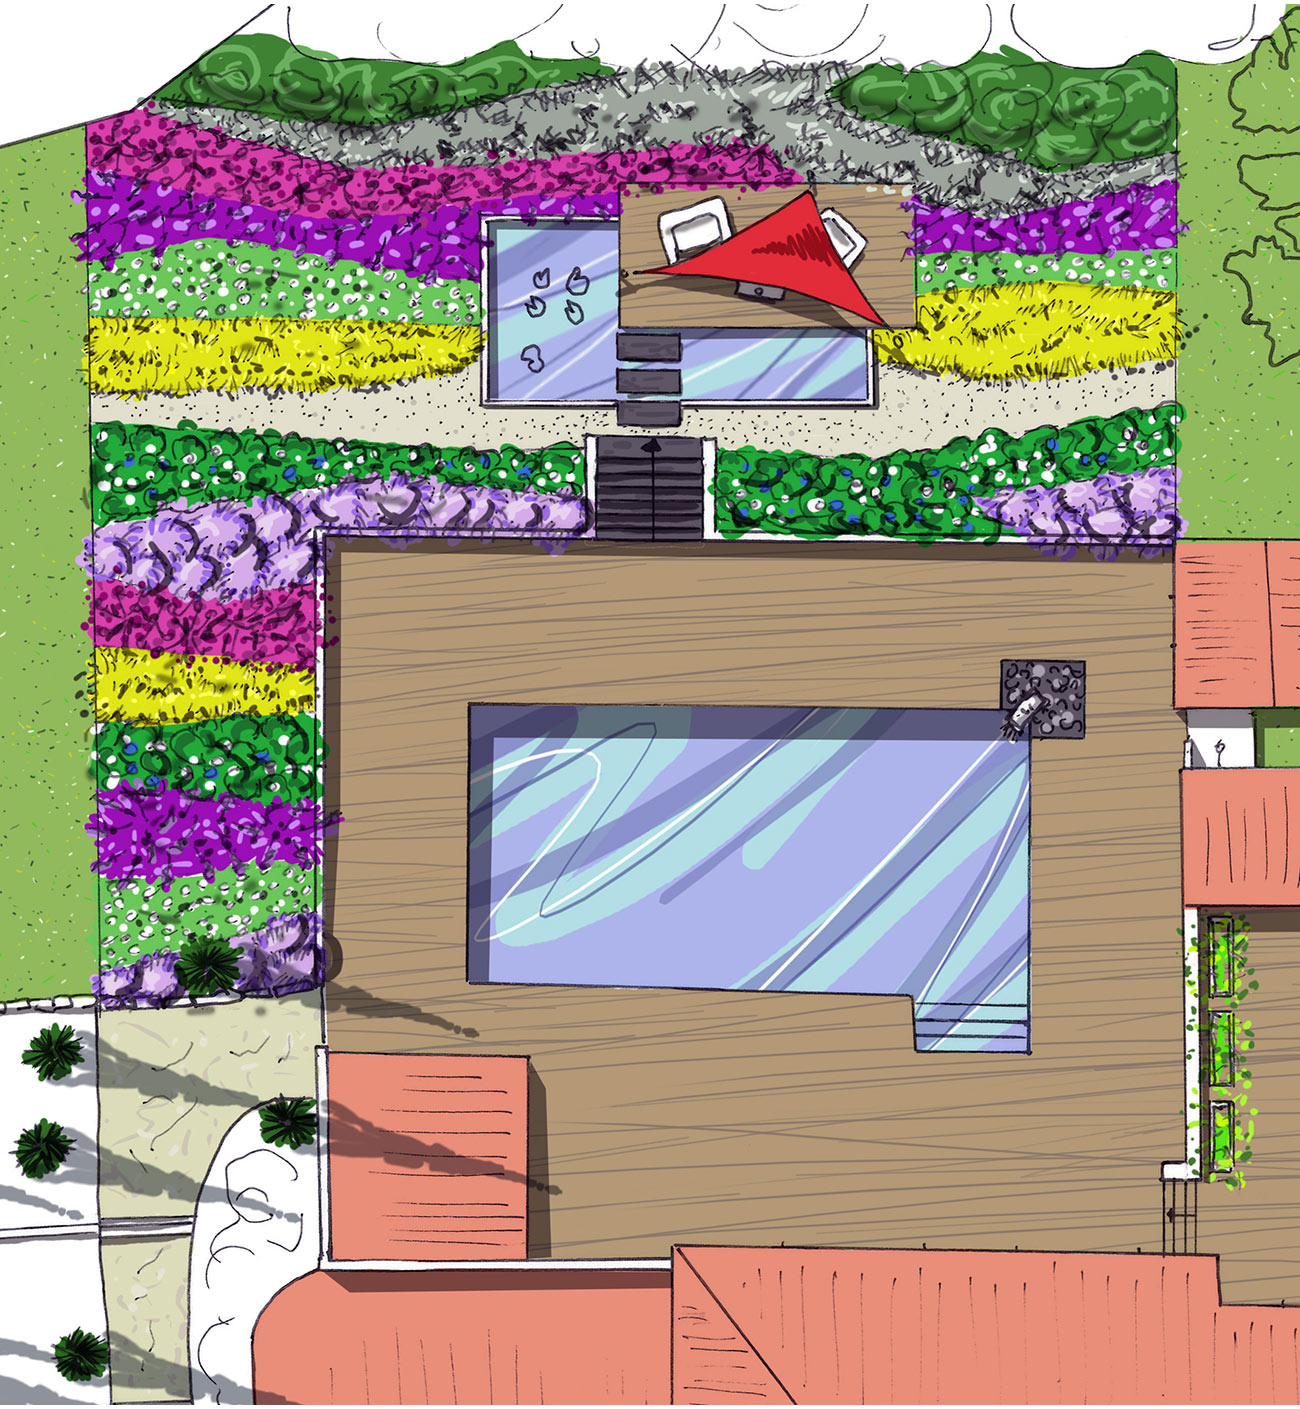 Atelier Naudier - Architecte paysagiste concepteur - Montpellier & Aix en Provence - aménagement jardin graphique & piscine relookée - PLAN PROJET - Création jardin